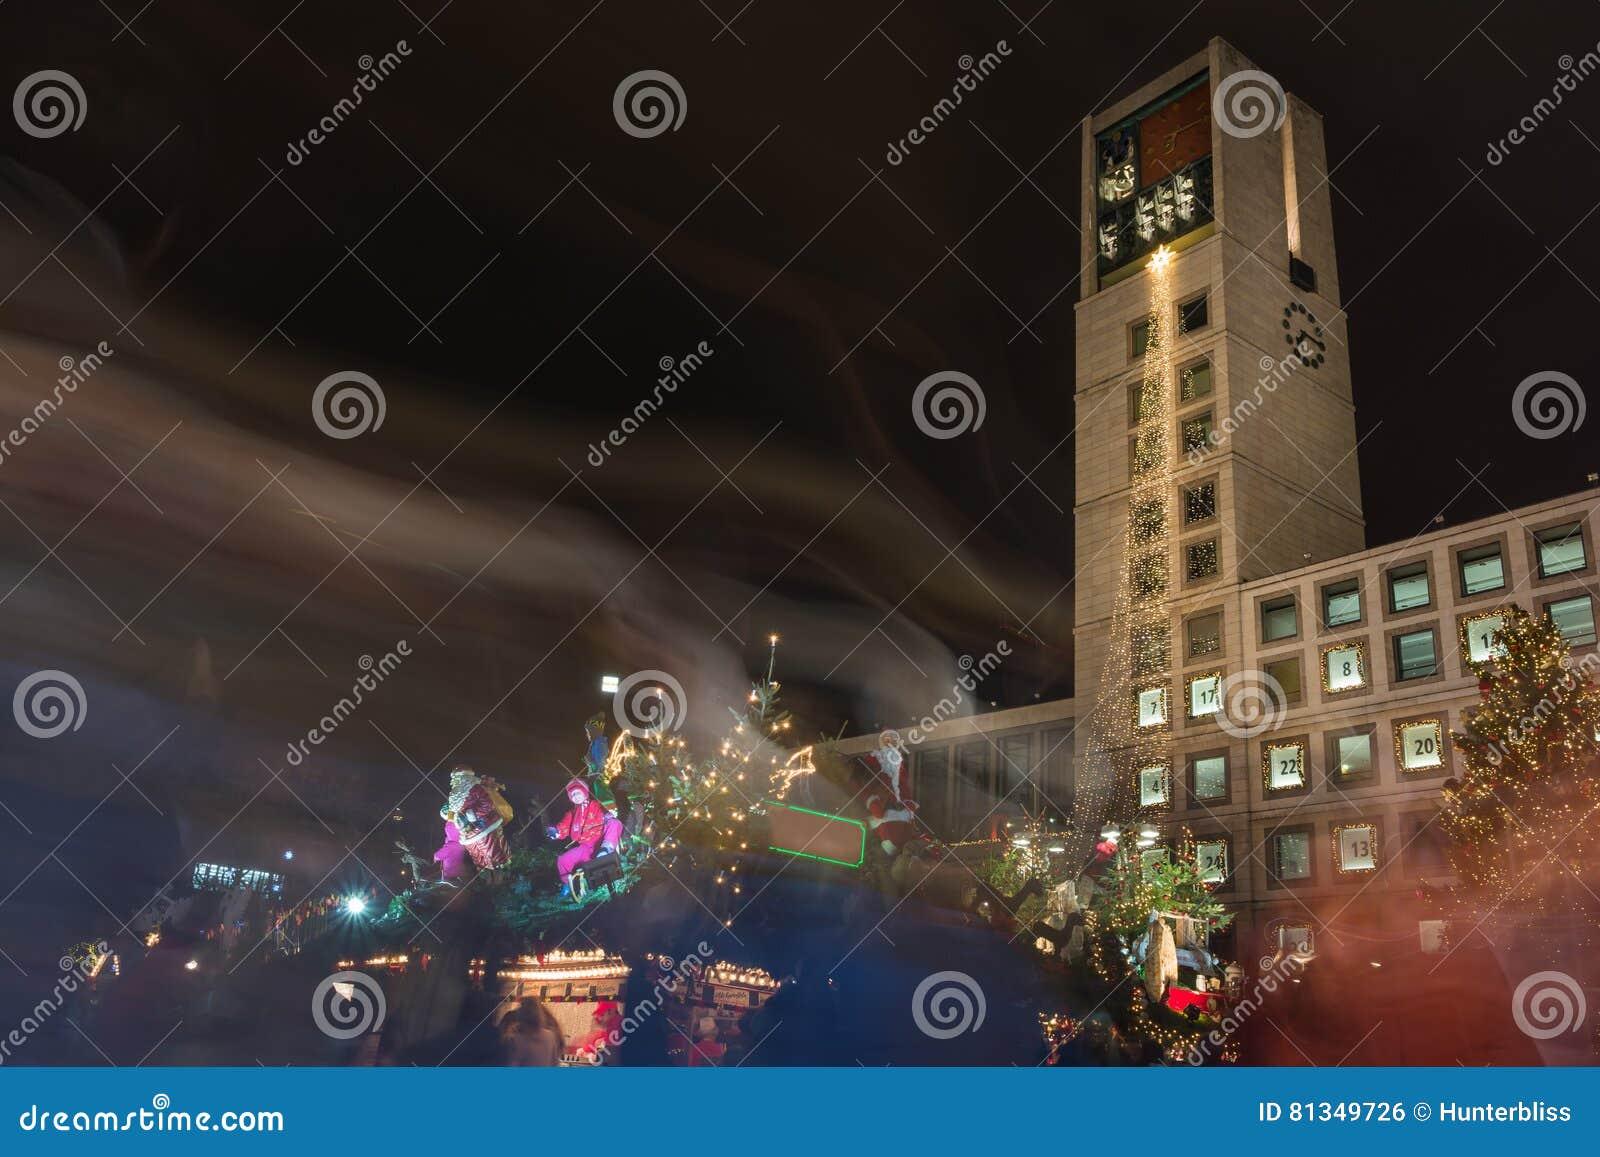 Weihnachtsmarkt L.Stuttgart Rathaus Christmas Market 2016 Weihnachtsmarkt Lights L